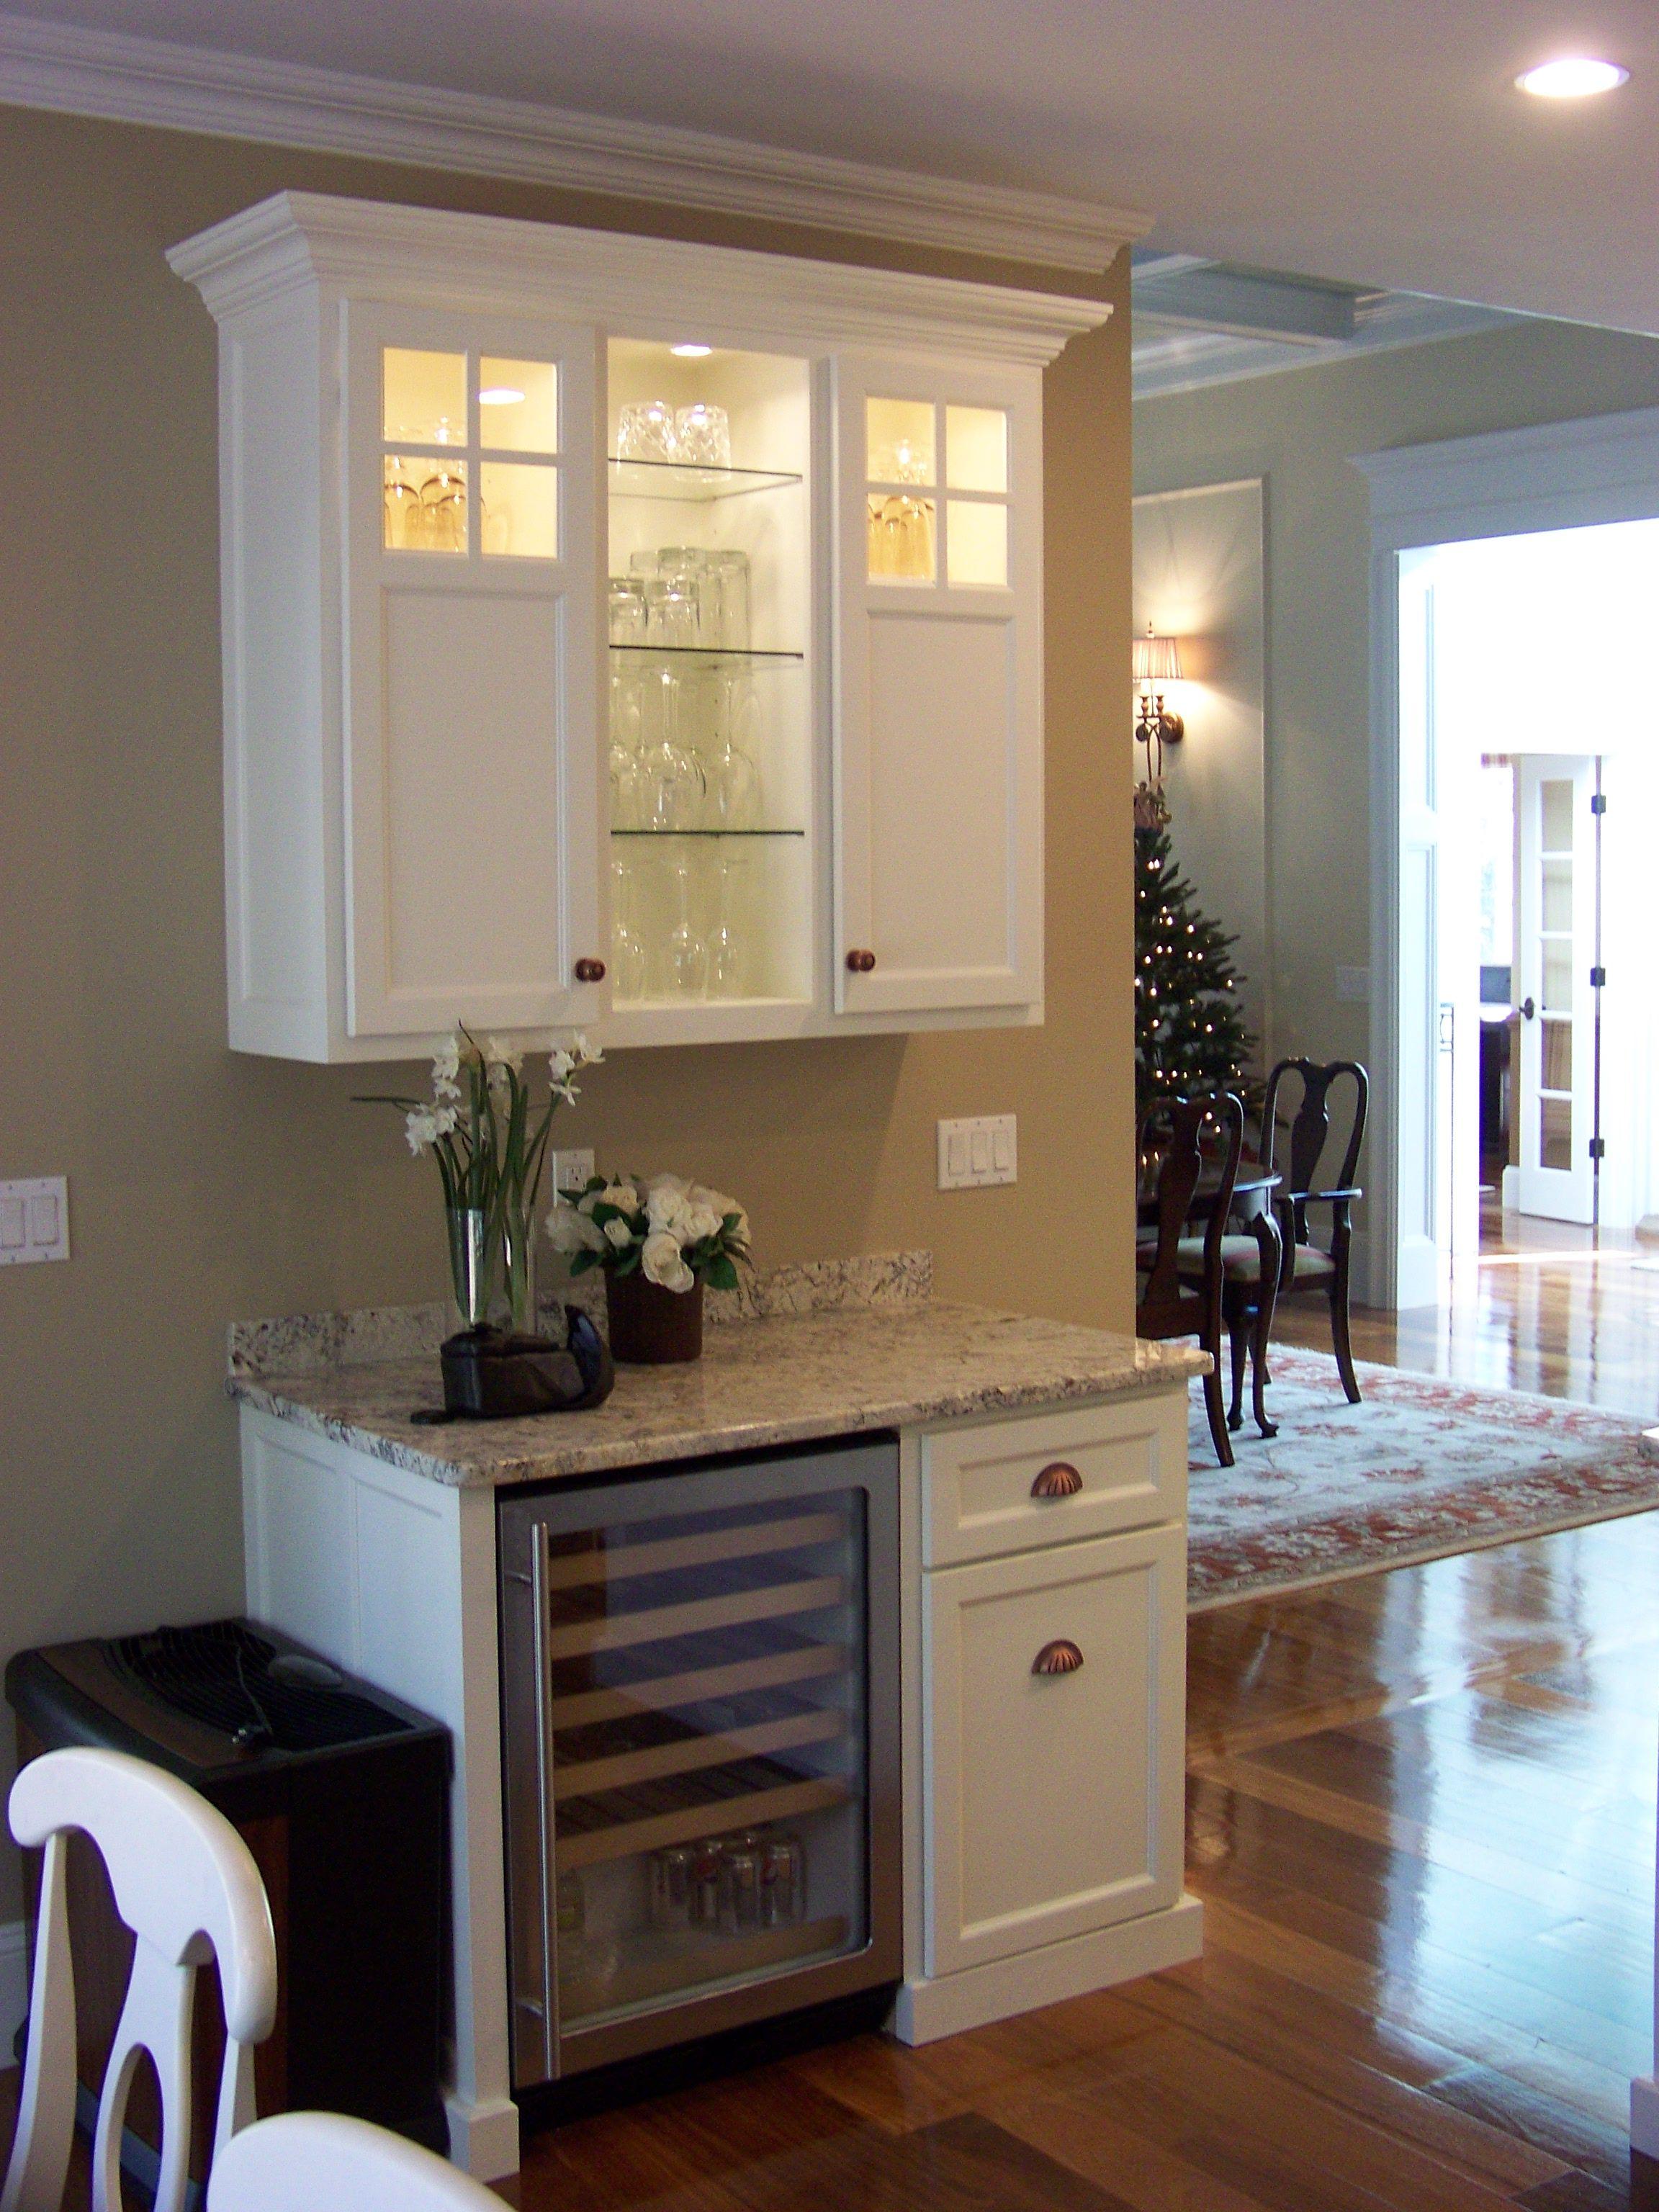 kitchen design ideas a beverage station using a wine